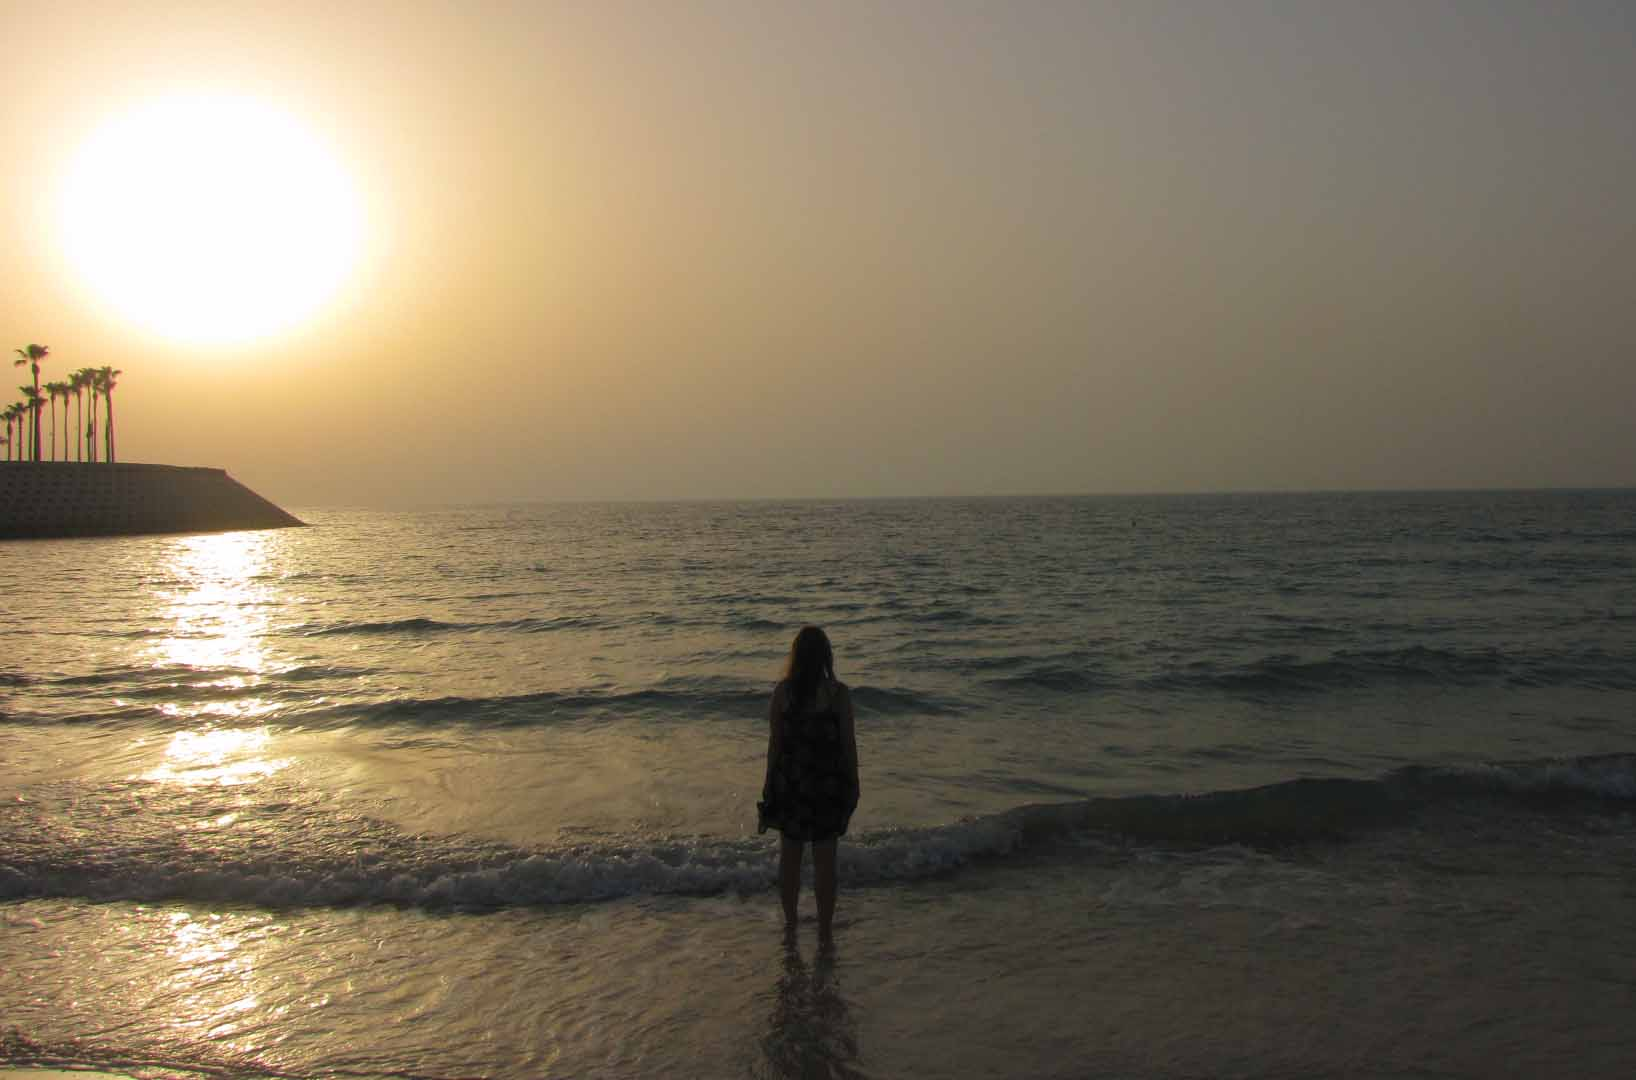 Jumeirah Beach, Dubai, UAE, 2011.